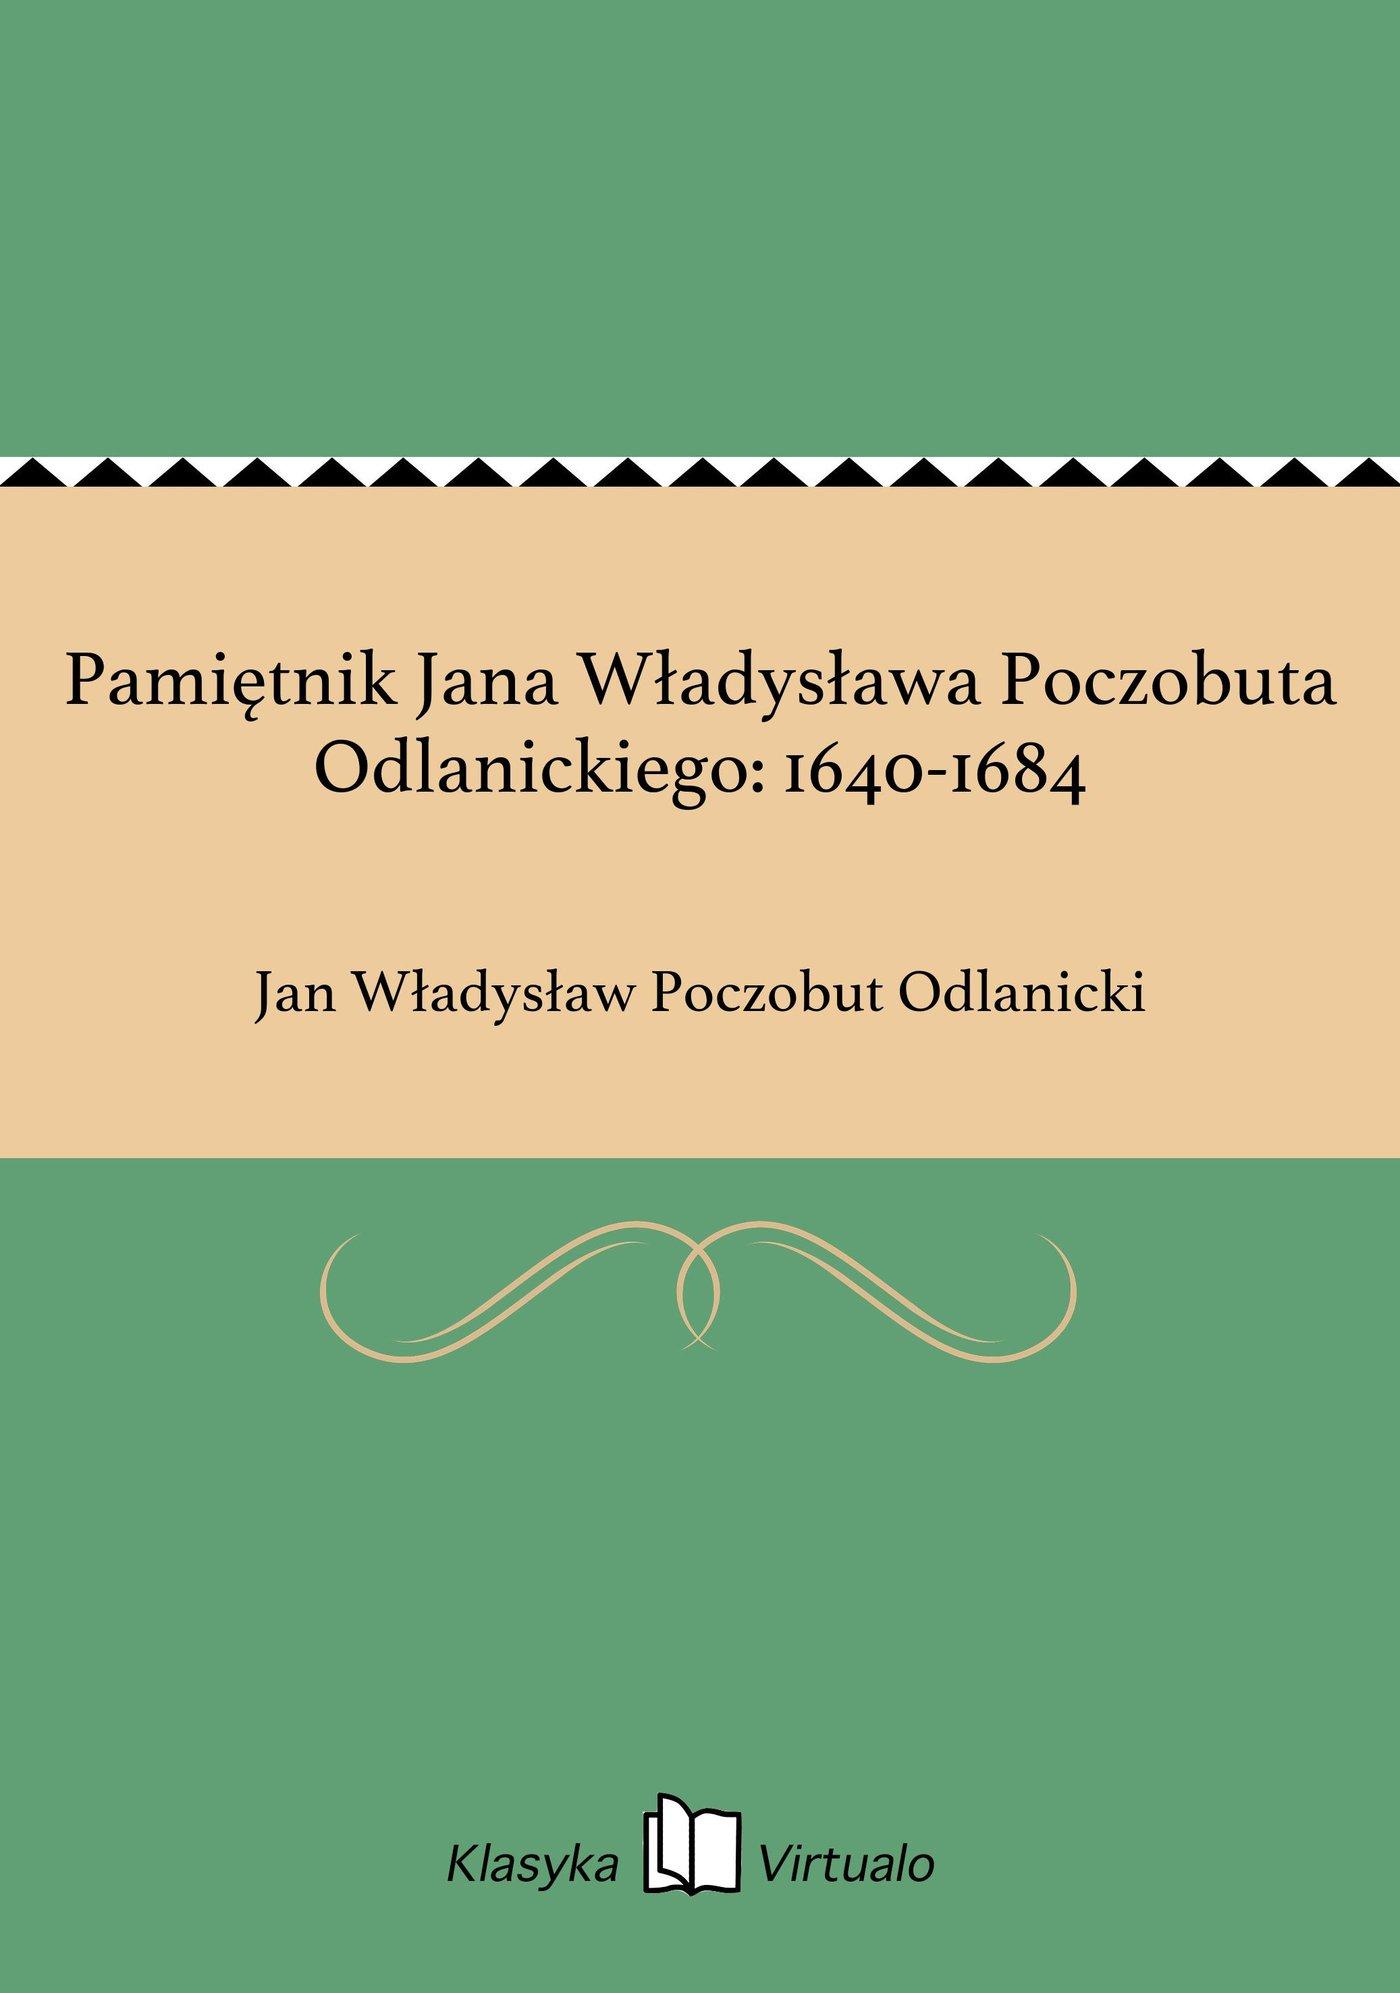 Pamiętnik Jana Władysława Poczobuta Odlanickiego: 1640-1684 - Ebook (Książka EPUB) do pobrania w formacie EPUB